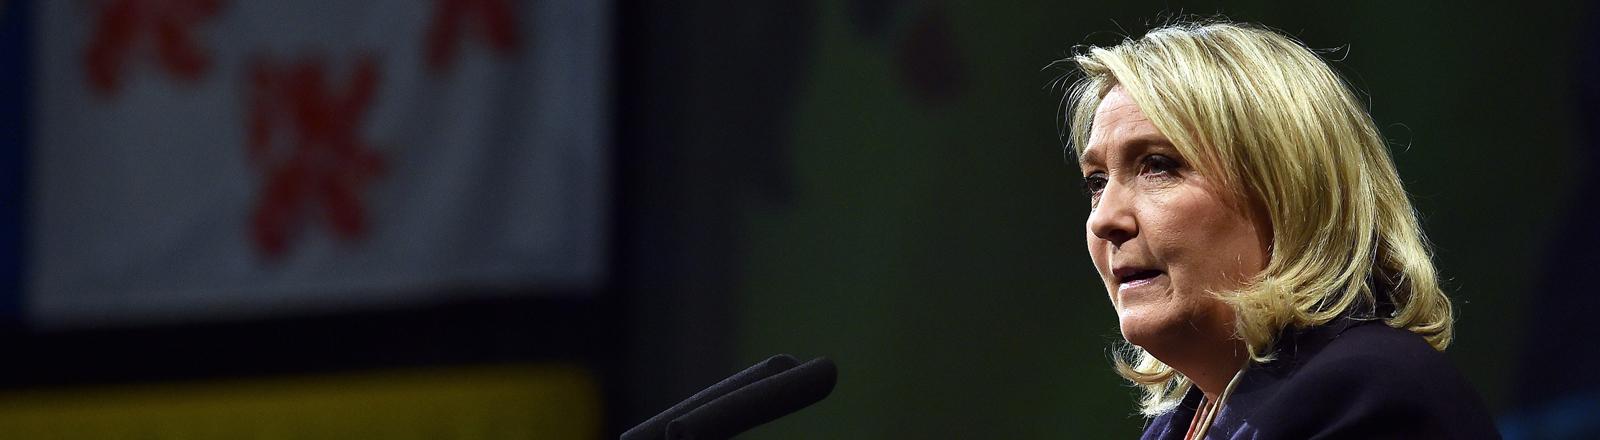 Marine Le Pen bei einer Rede in in Lille